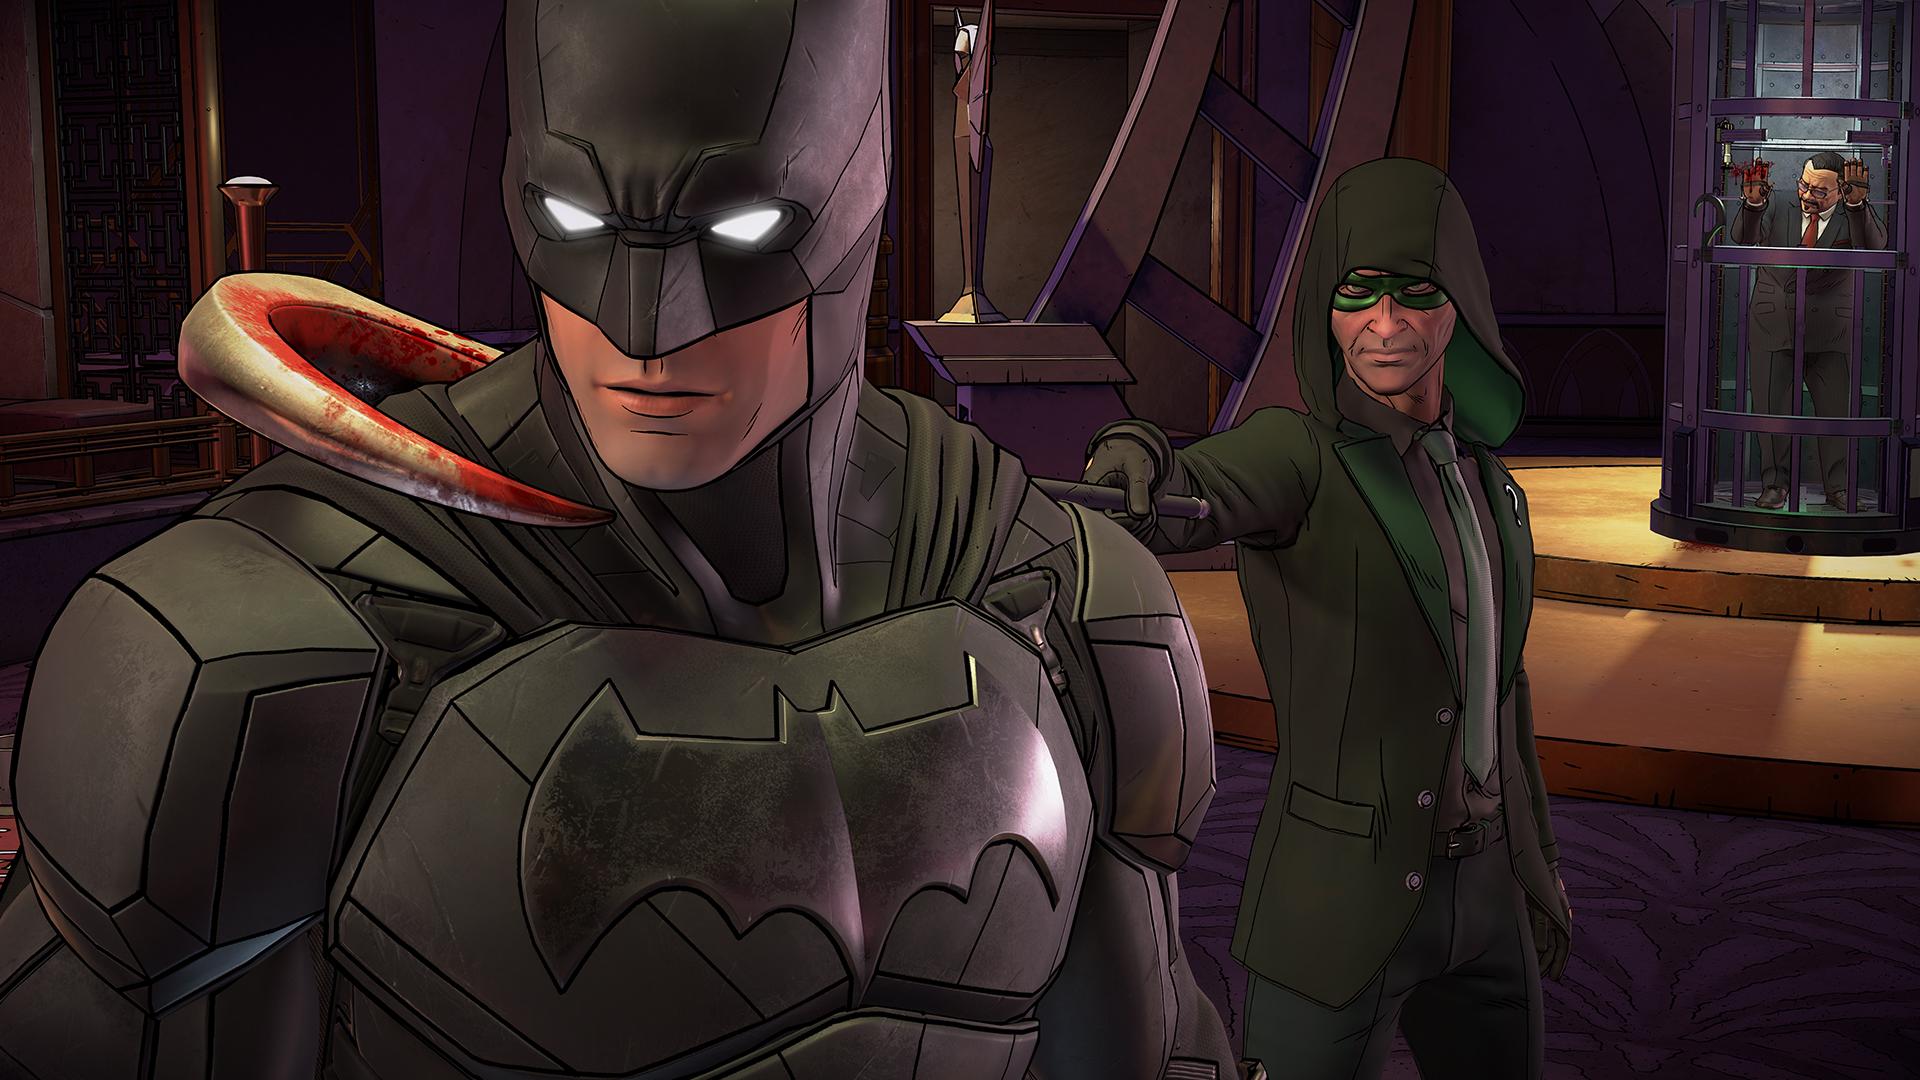 蝙蝠侠:内敌 1号升级档+EP2+未加密补丁[3DM]